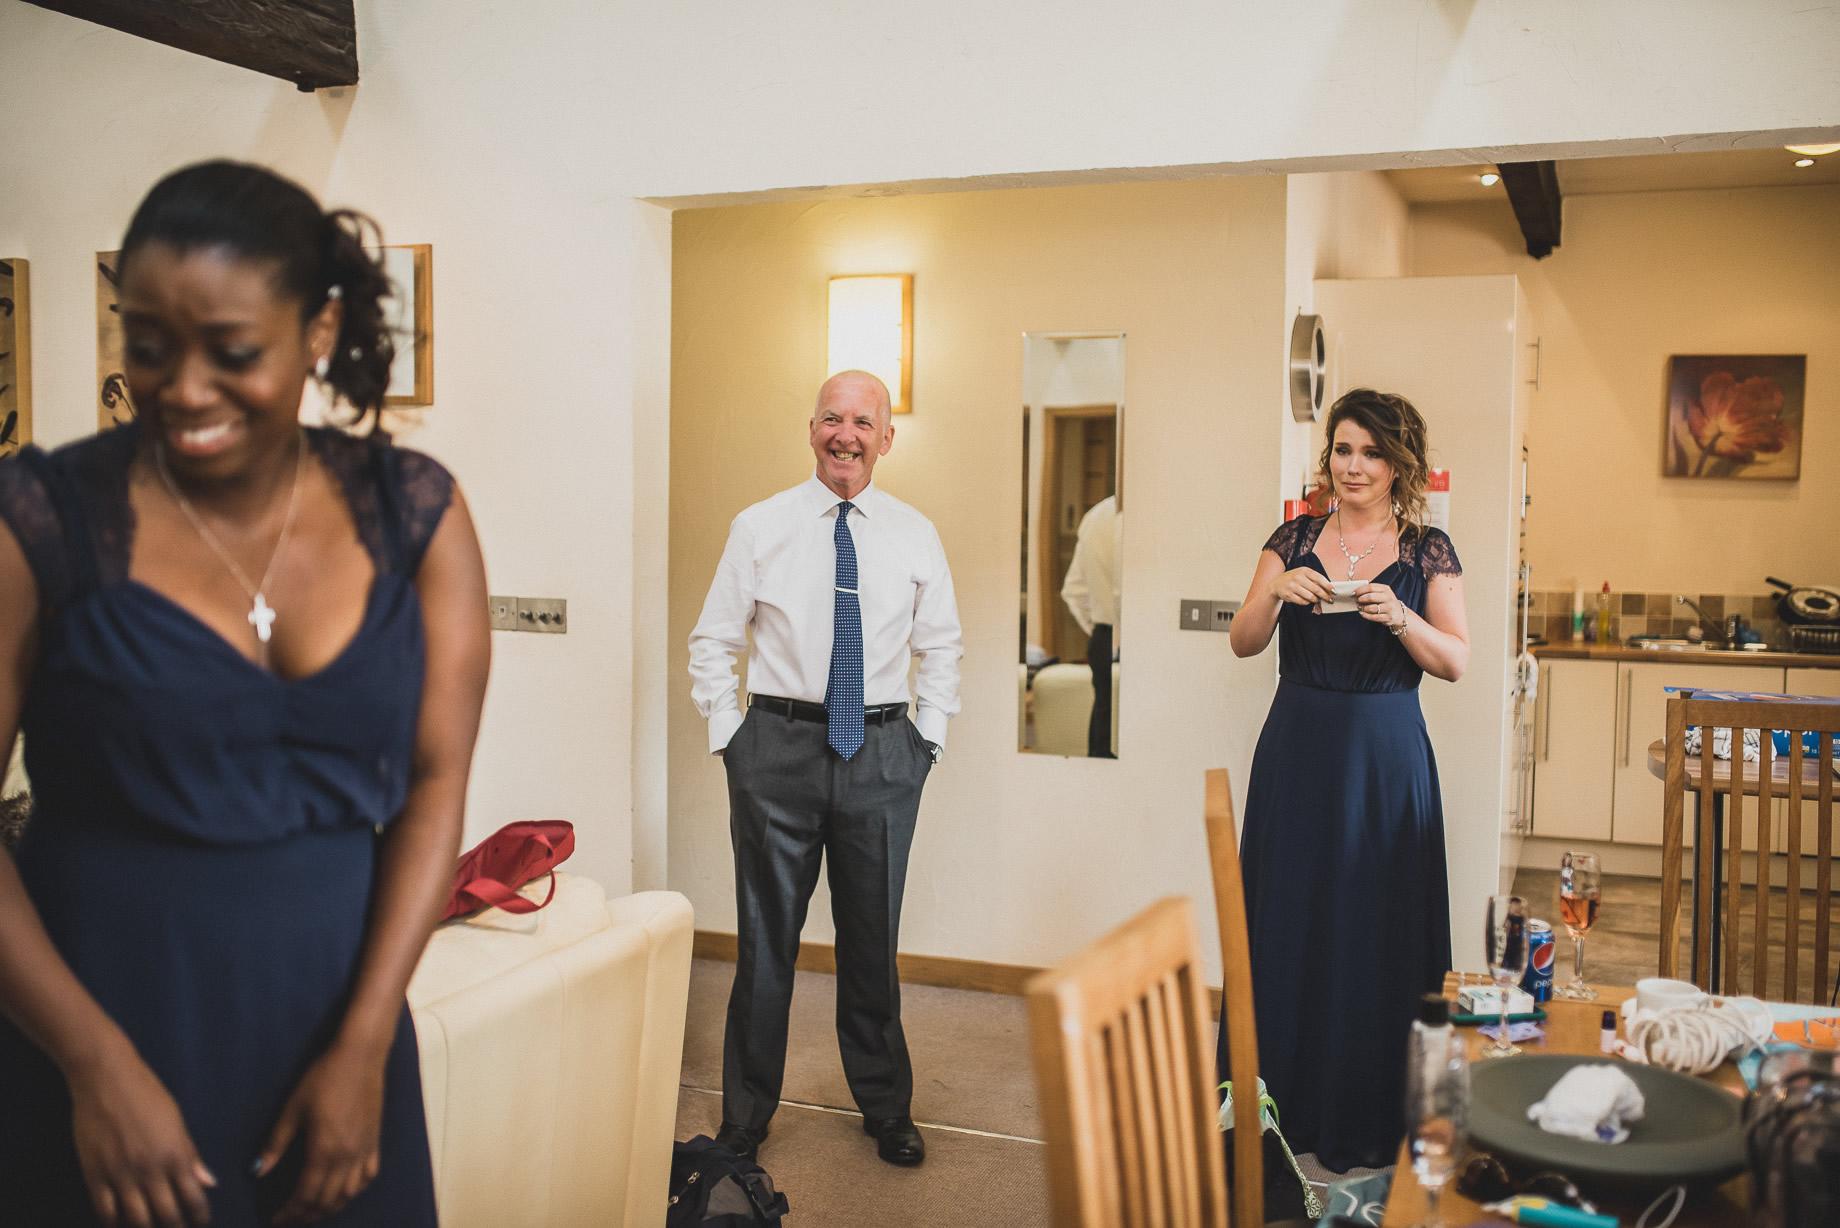 Becky and John's Wedding at Slaidburn Village Hall 055